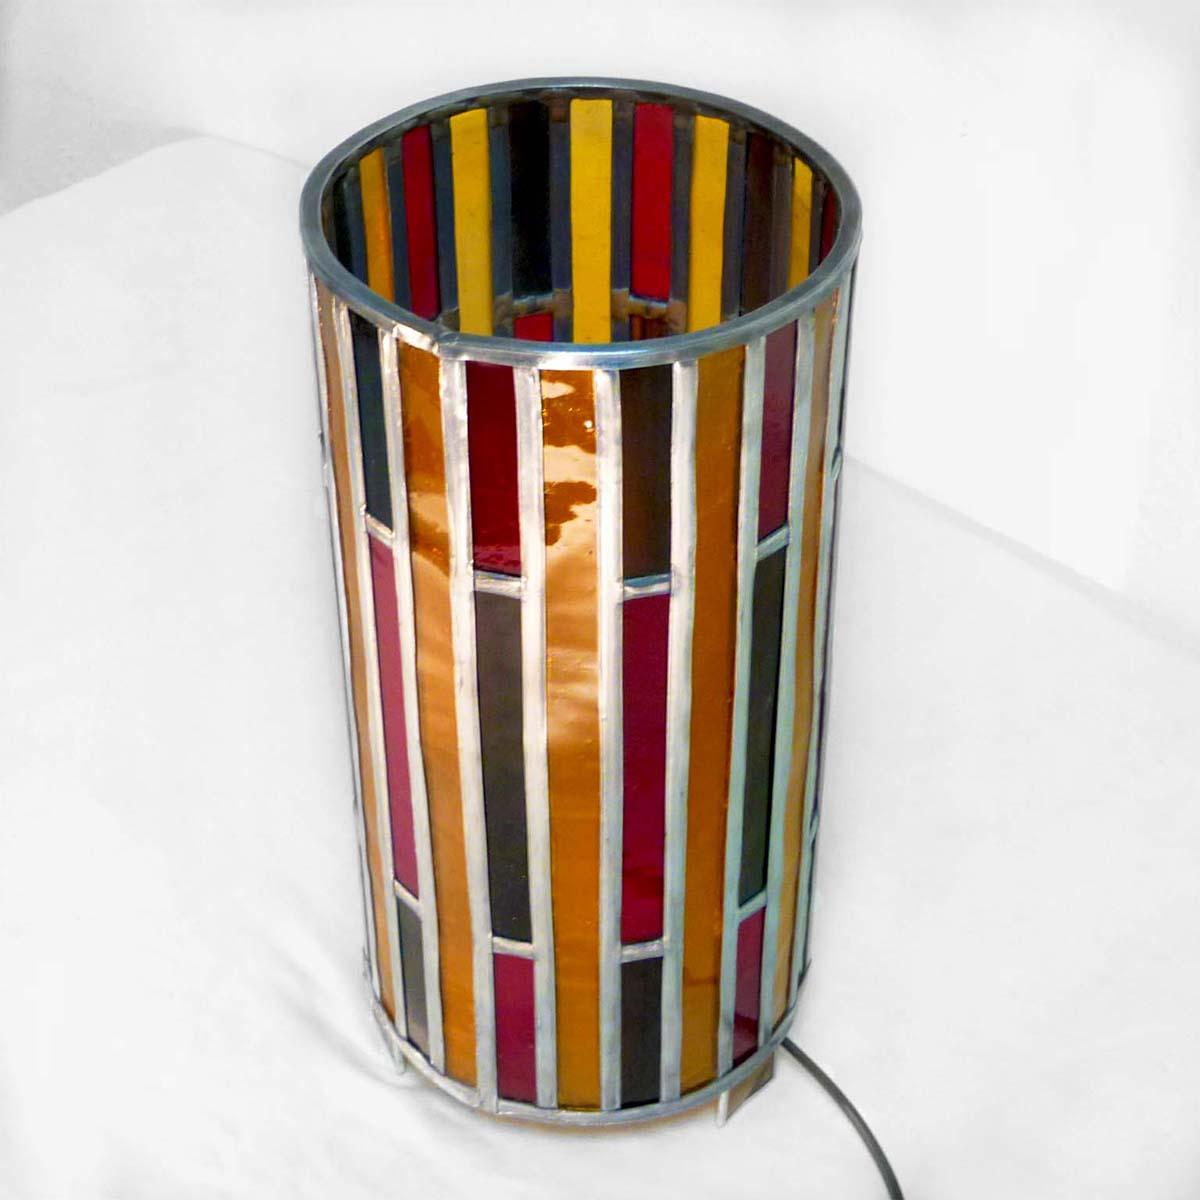 Lampe vitrail cylindre ambre et rouge 4 1